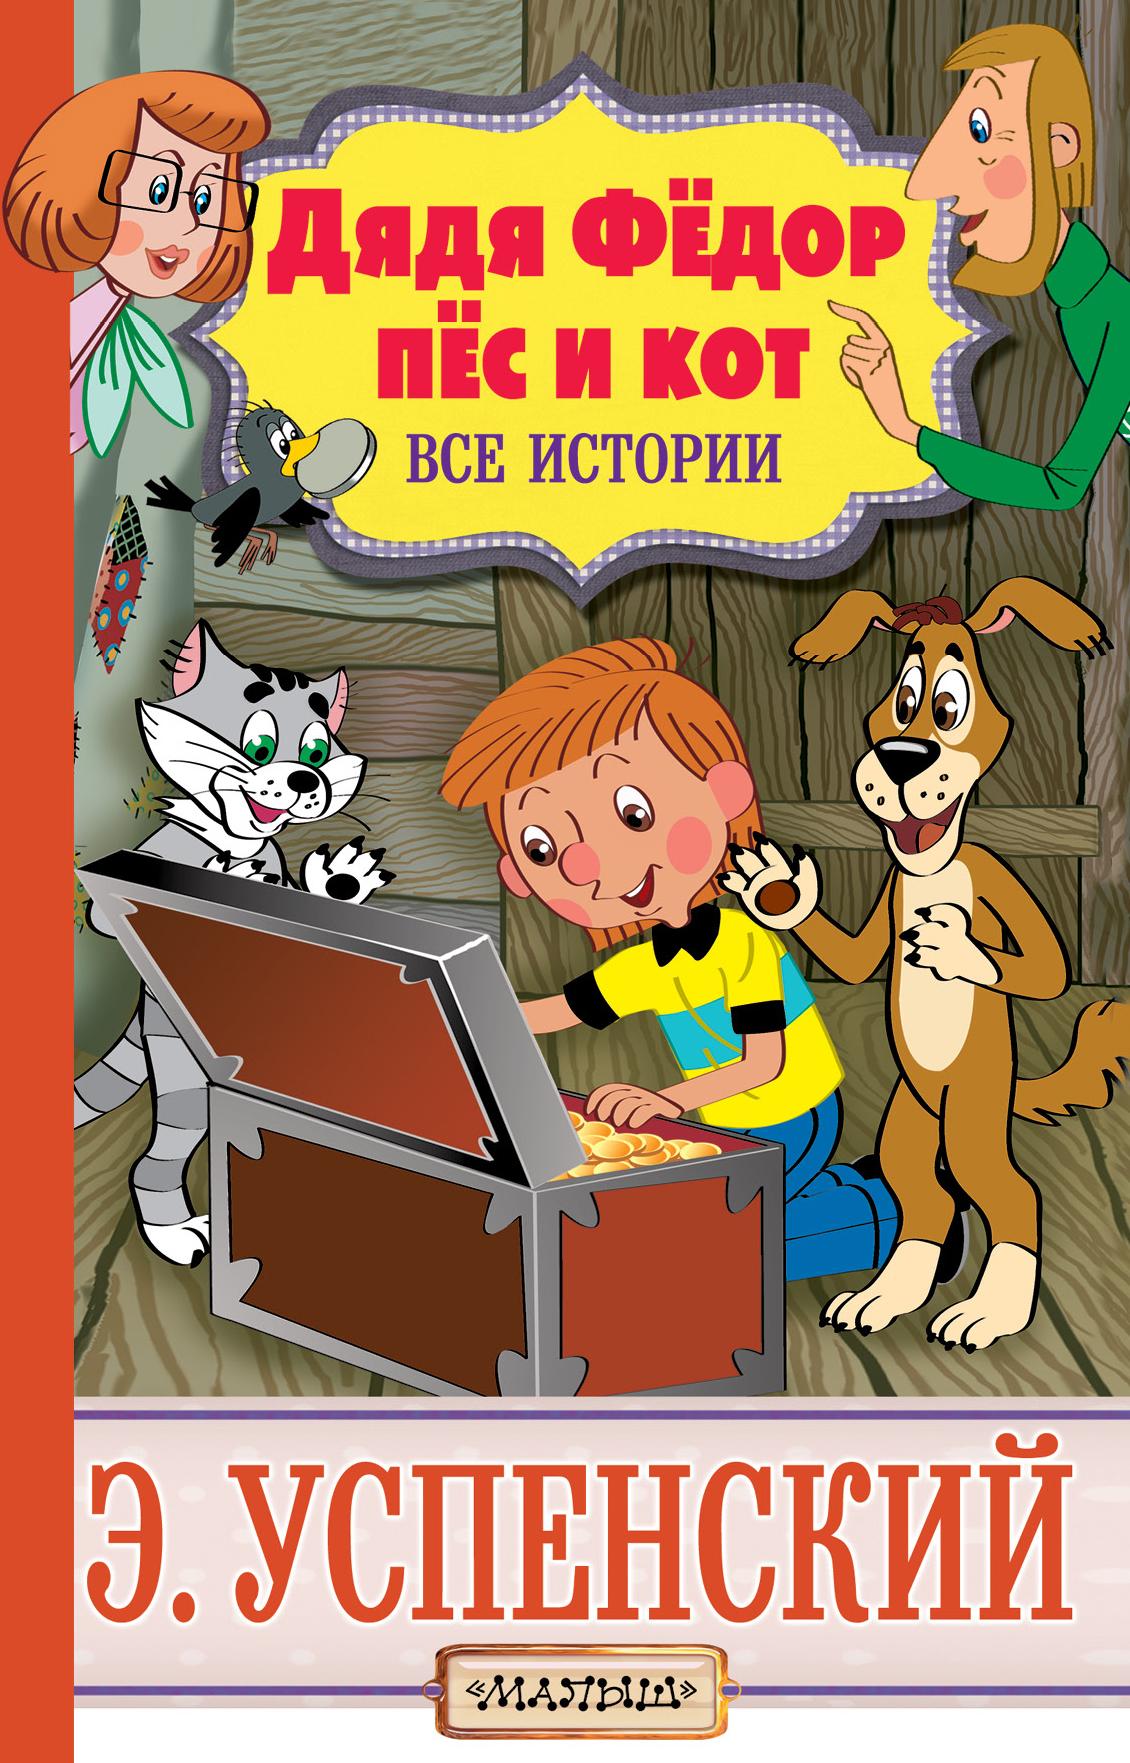 Эдуард Успенский Дядя Фёдор, пёс и кот. Все истории дядя фёдор пёс и кот и другие истории про простоквашино